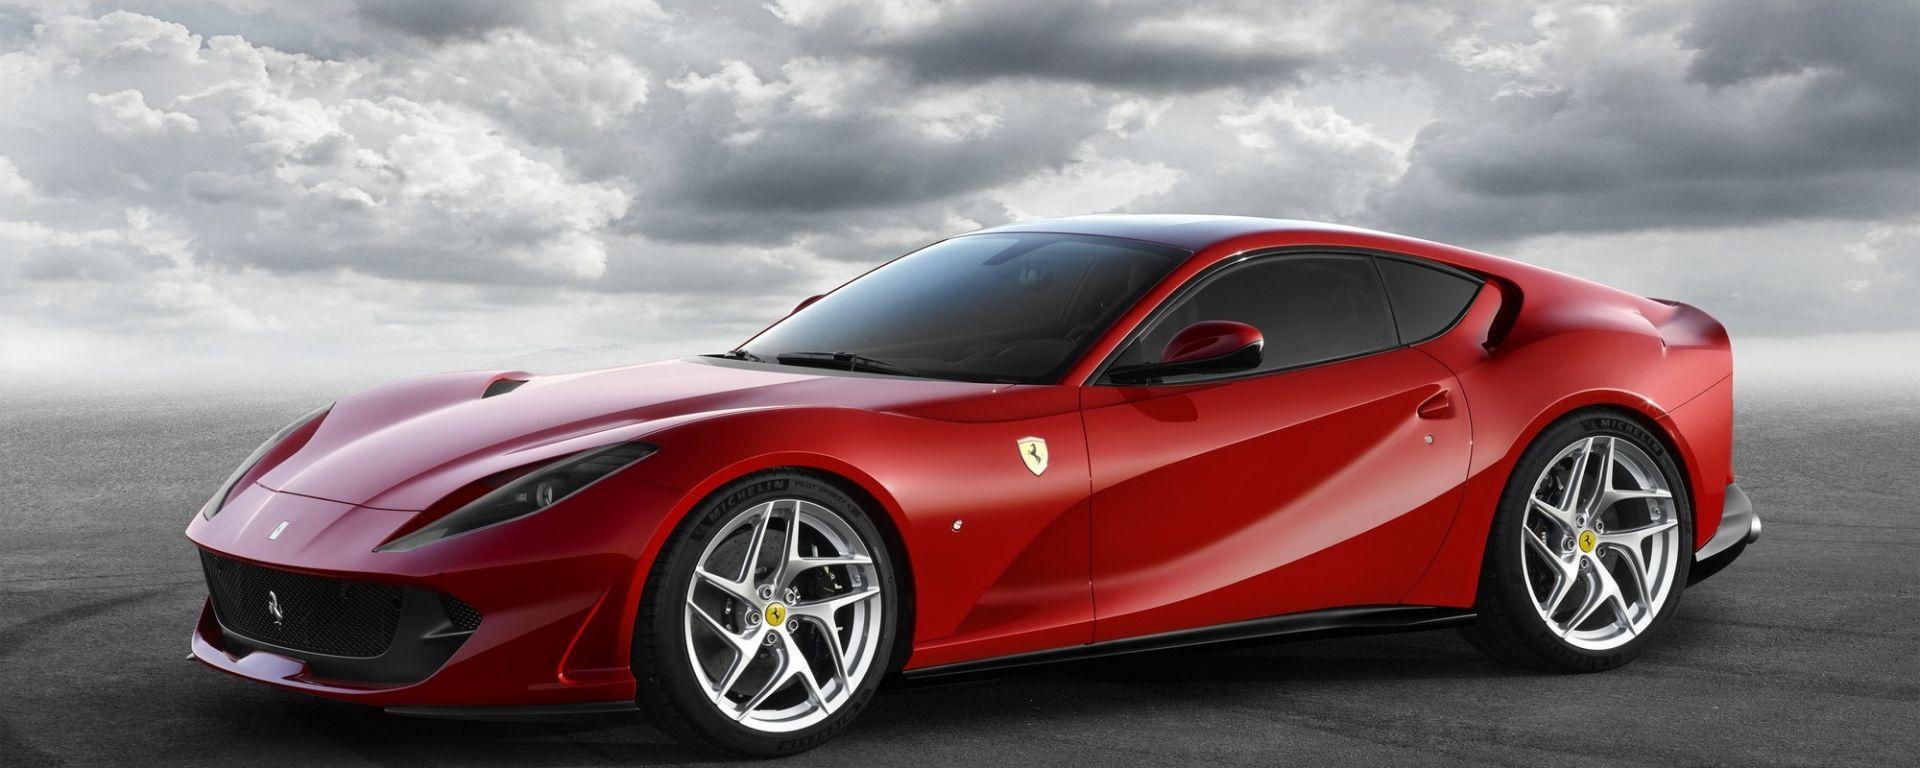 Le Ferrari del futuro saranno ibride